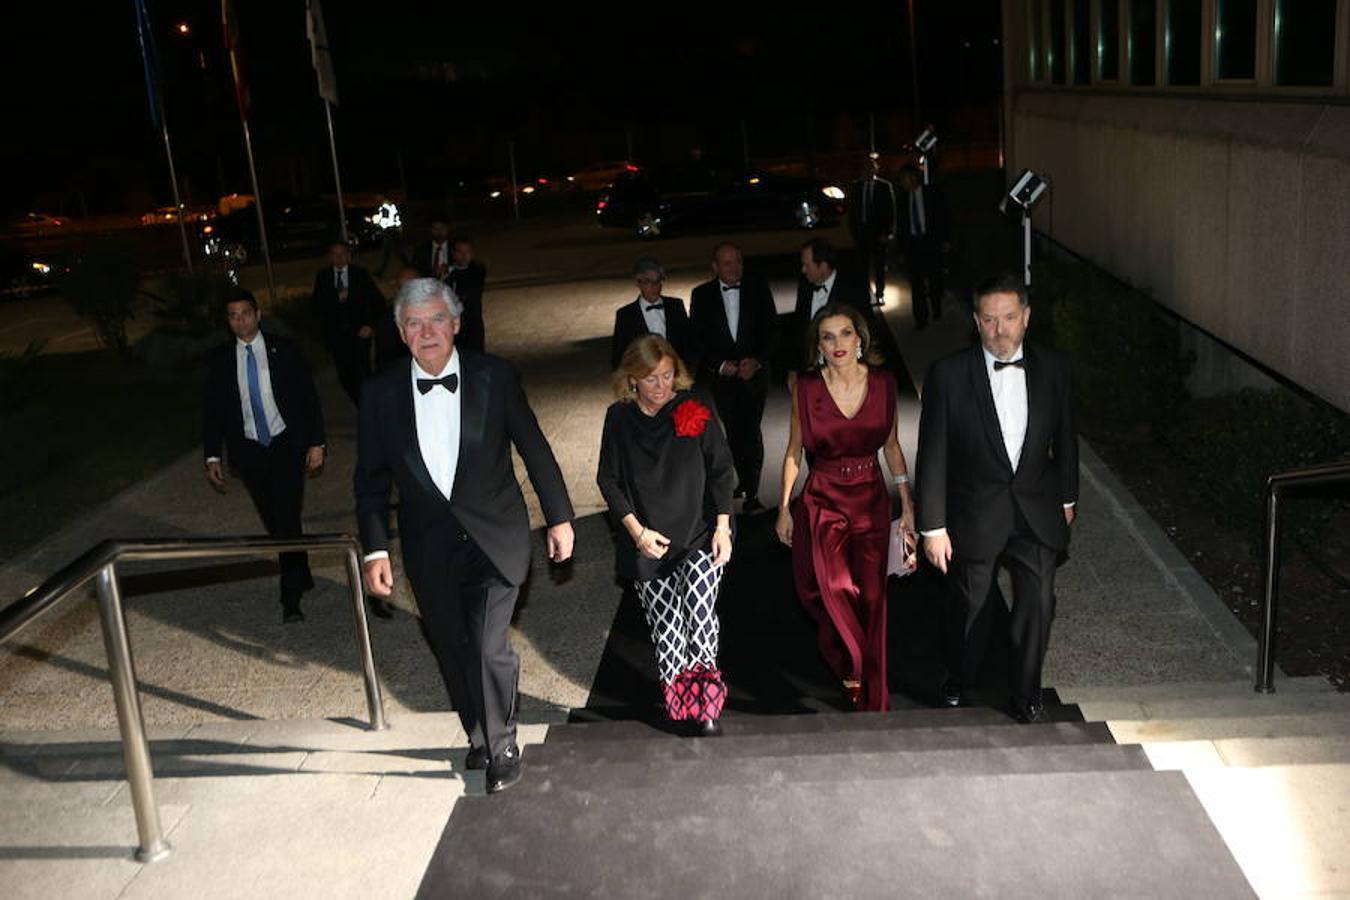 Los invitados a los premios Mariano de Cavia, Luca de Tena y Mingote, en imágenes